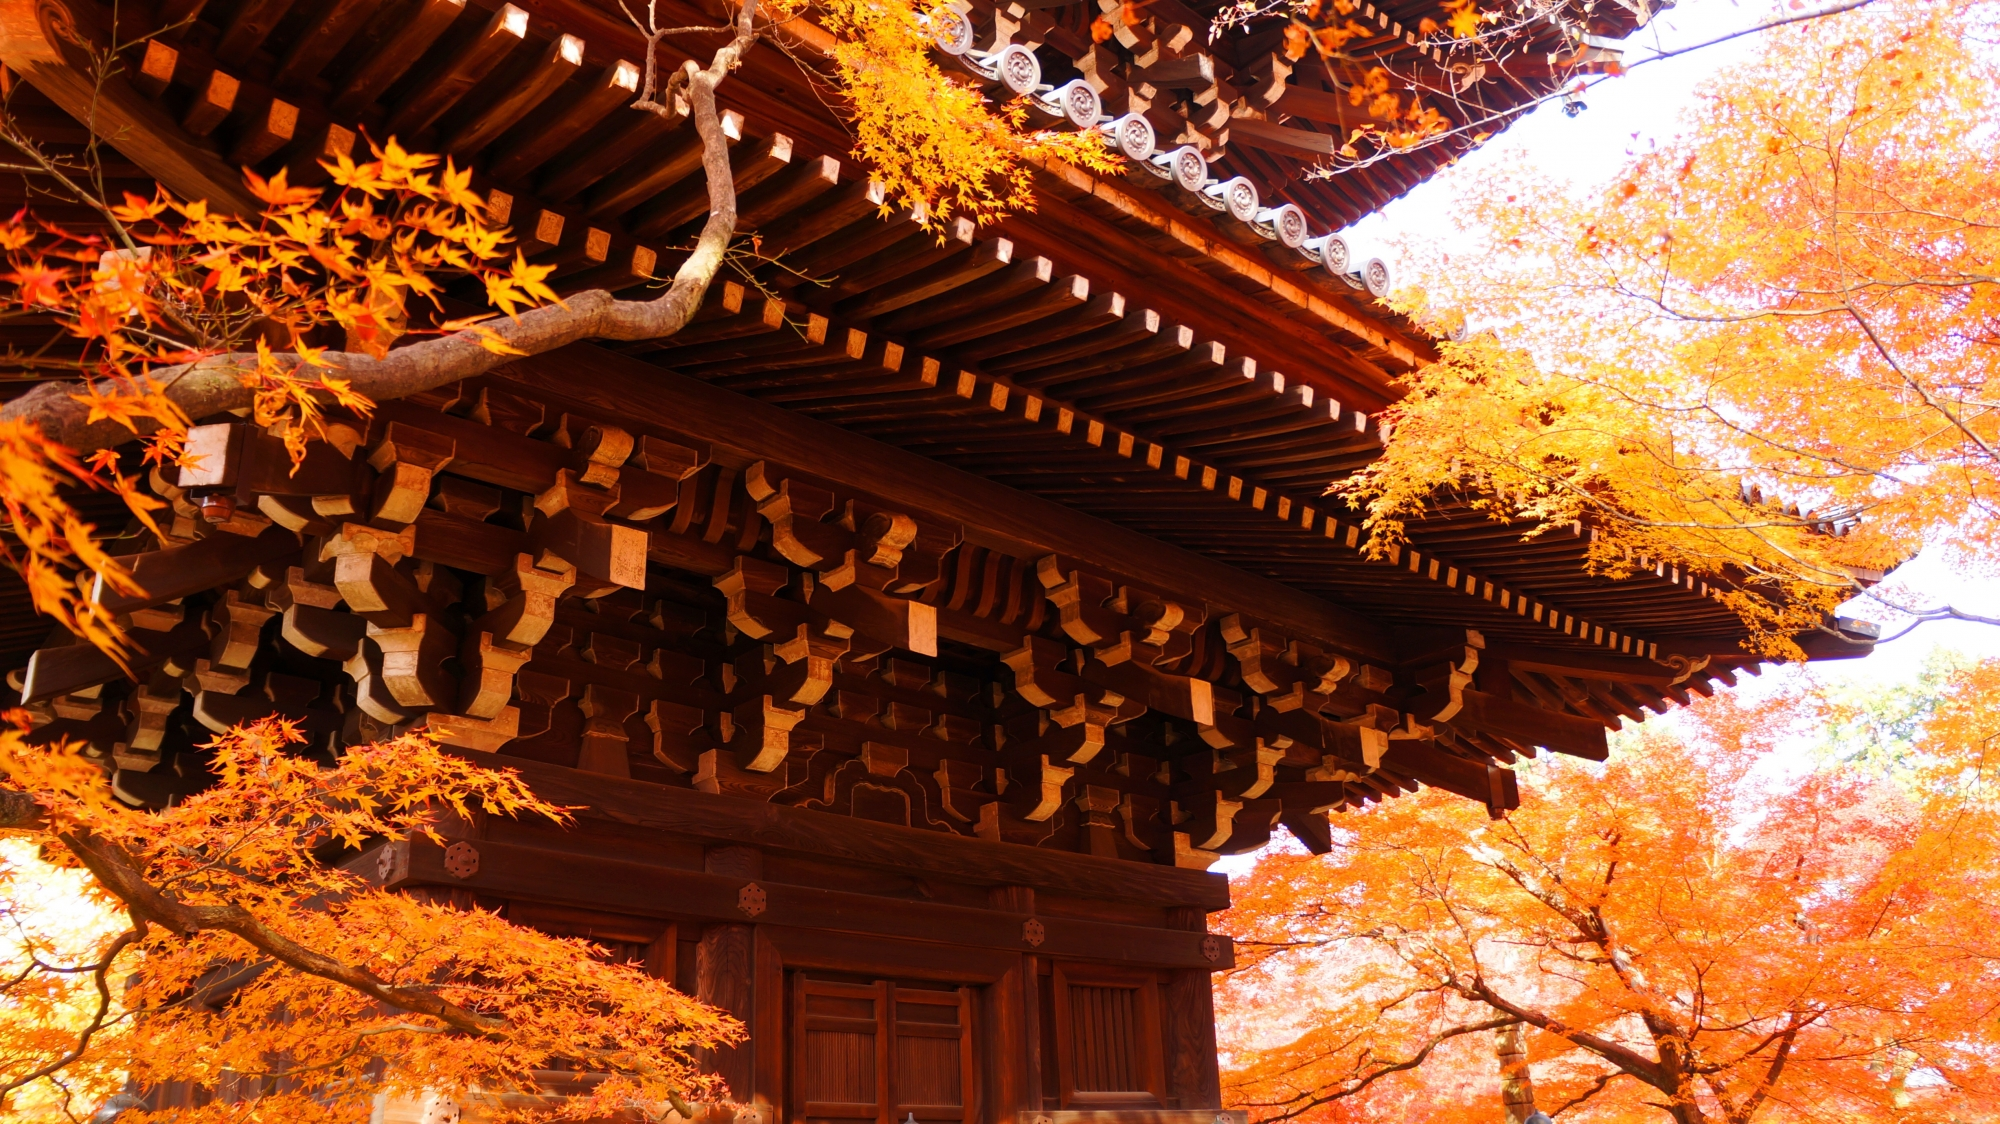 三重塔をつつむ淡い秋色の世界